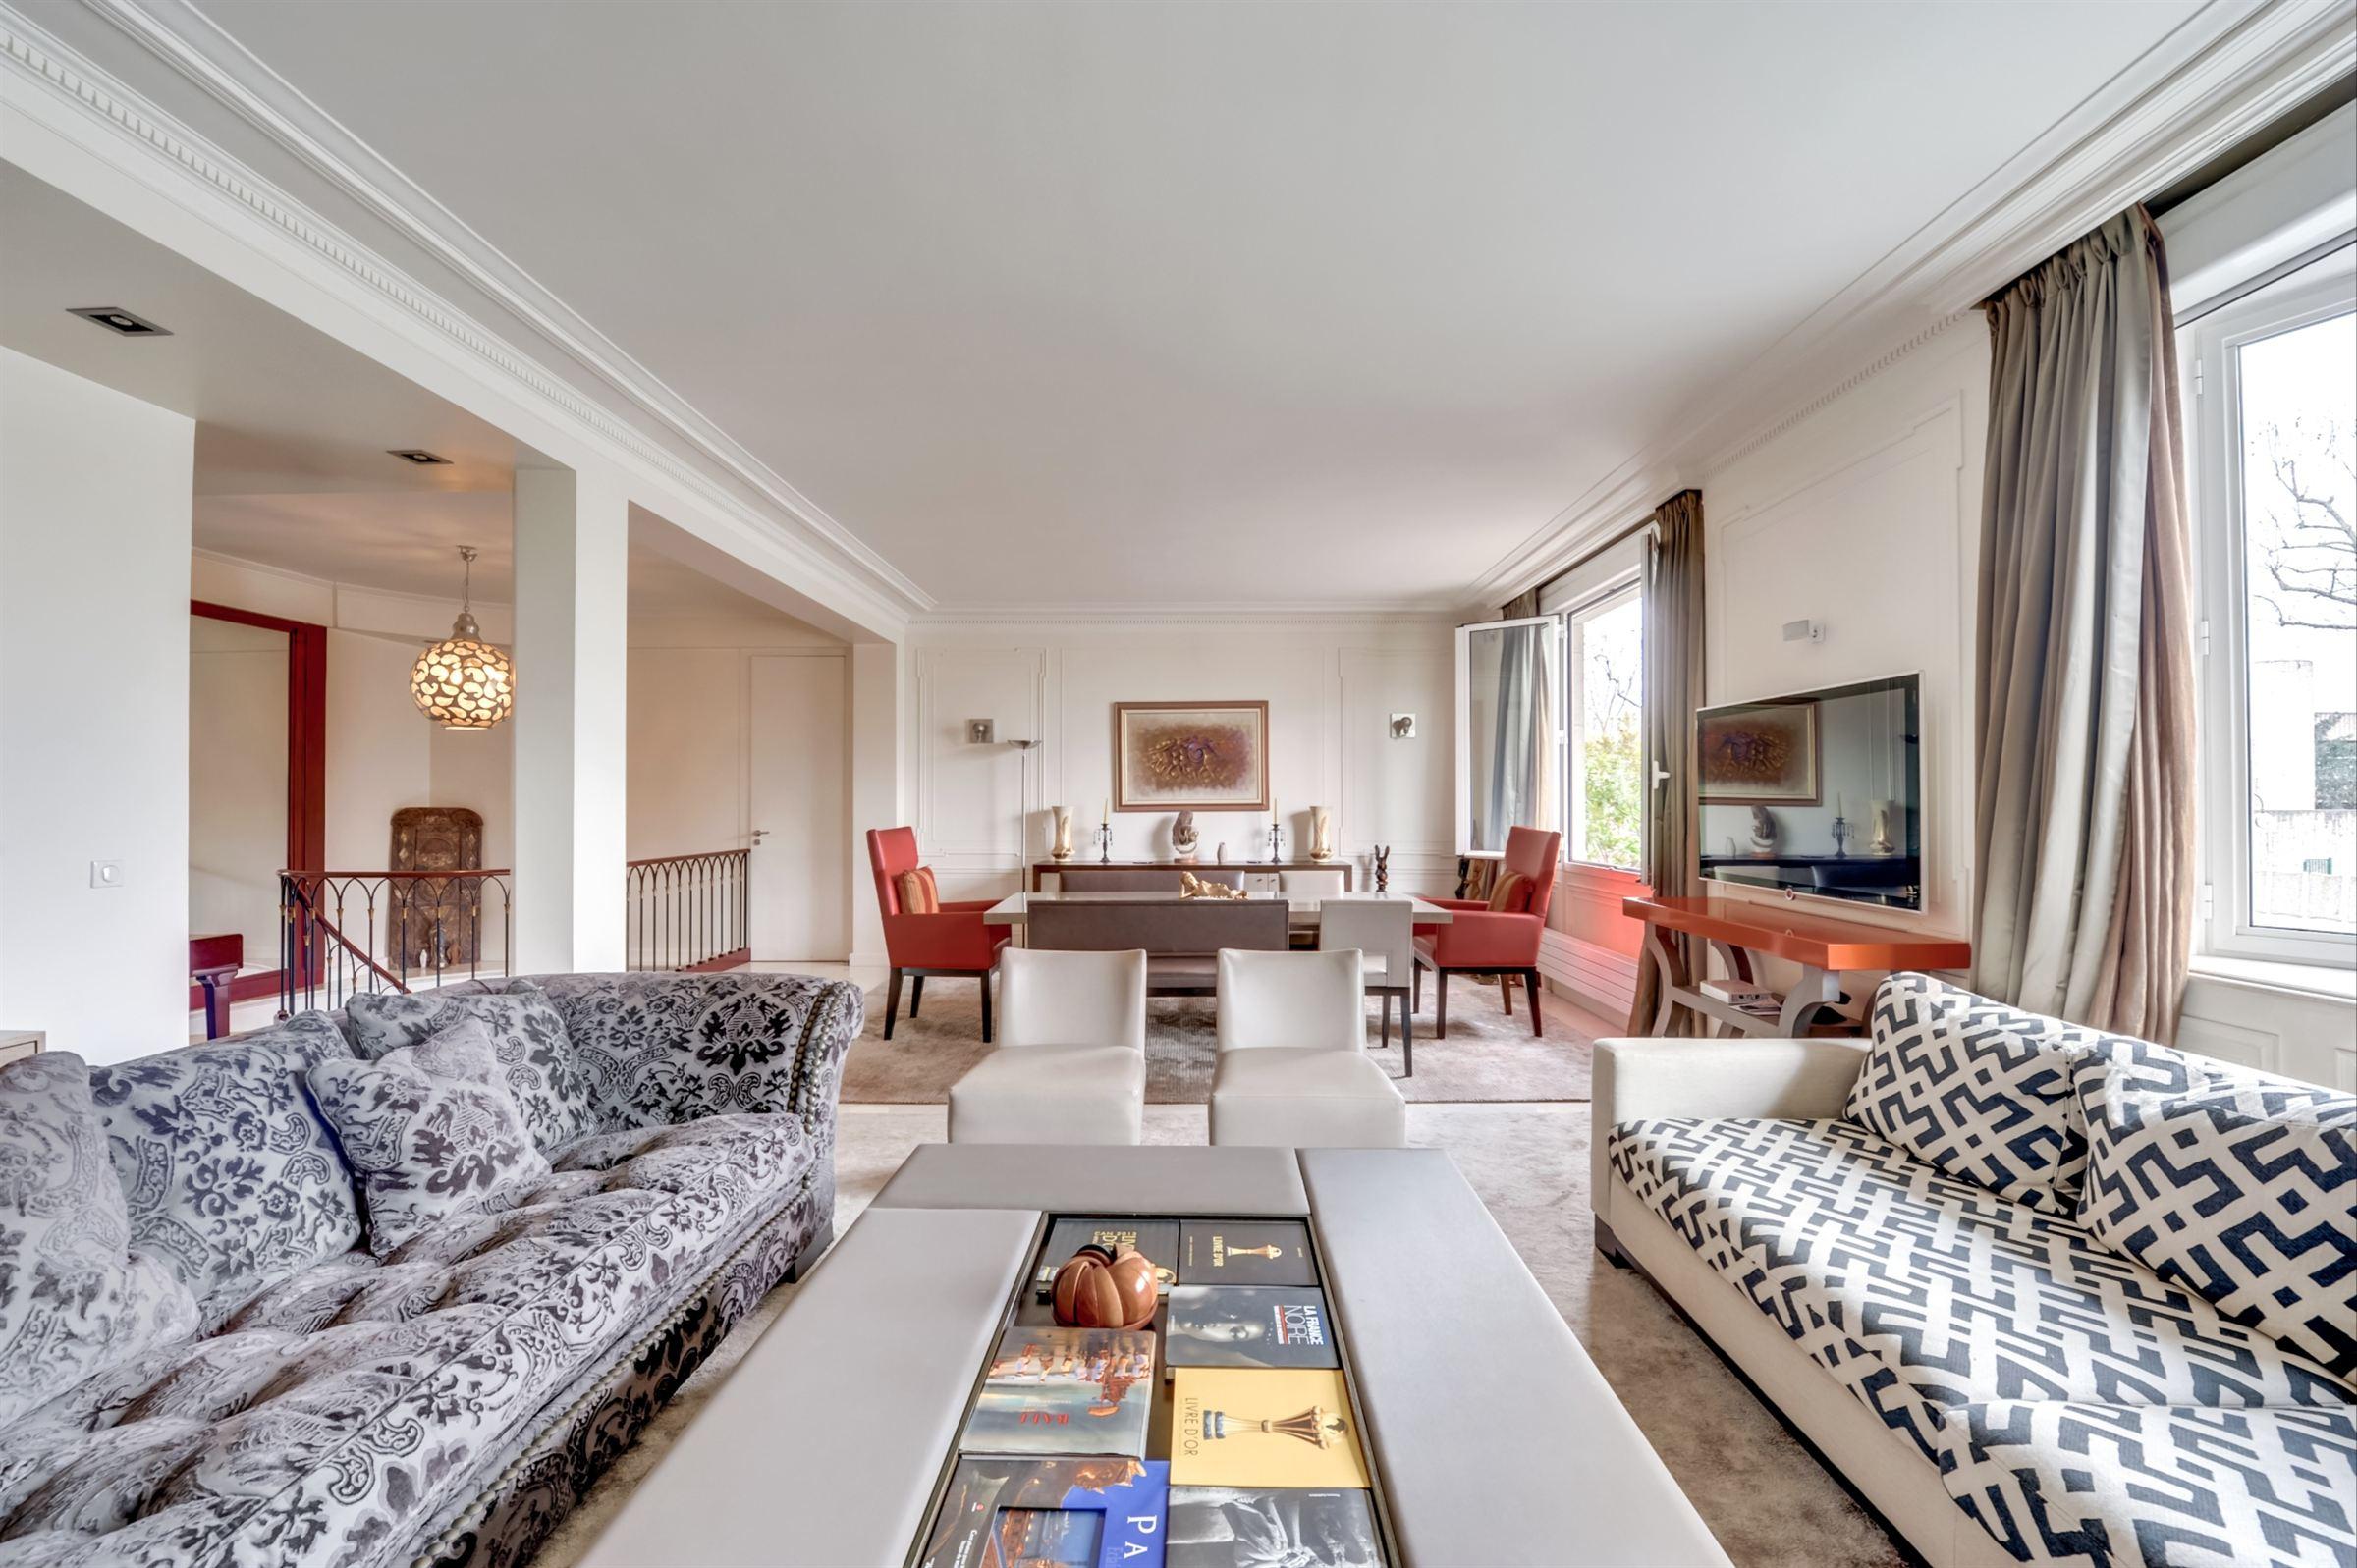 sales property at Vente exclusivité triplex avec jardin - Paris 16 Dufrenoy